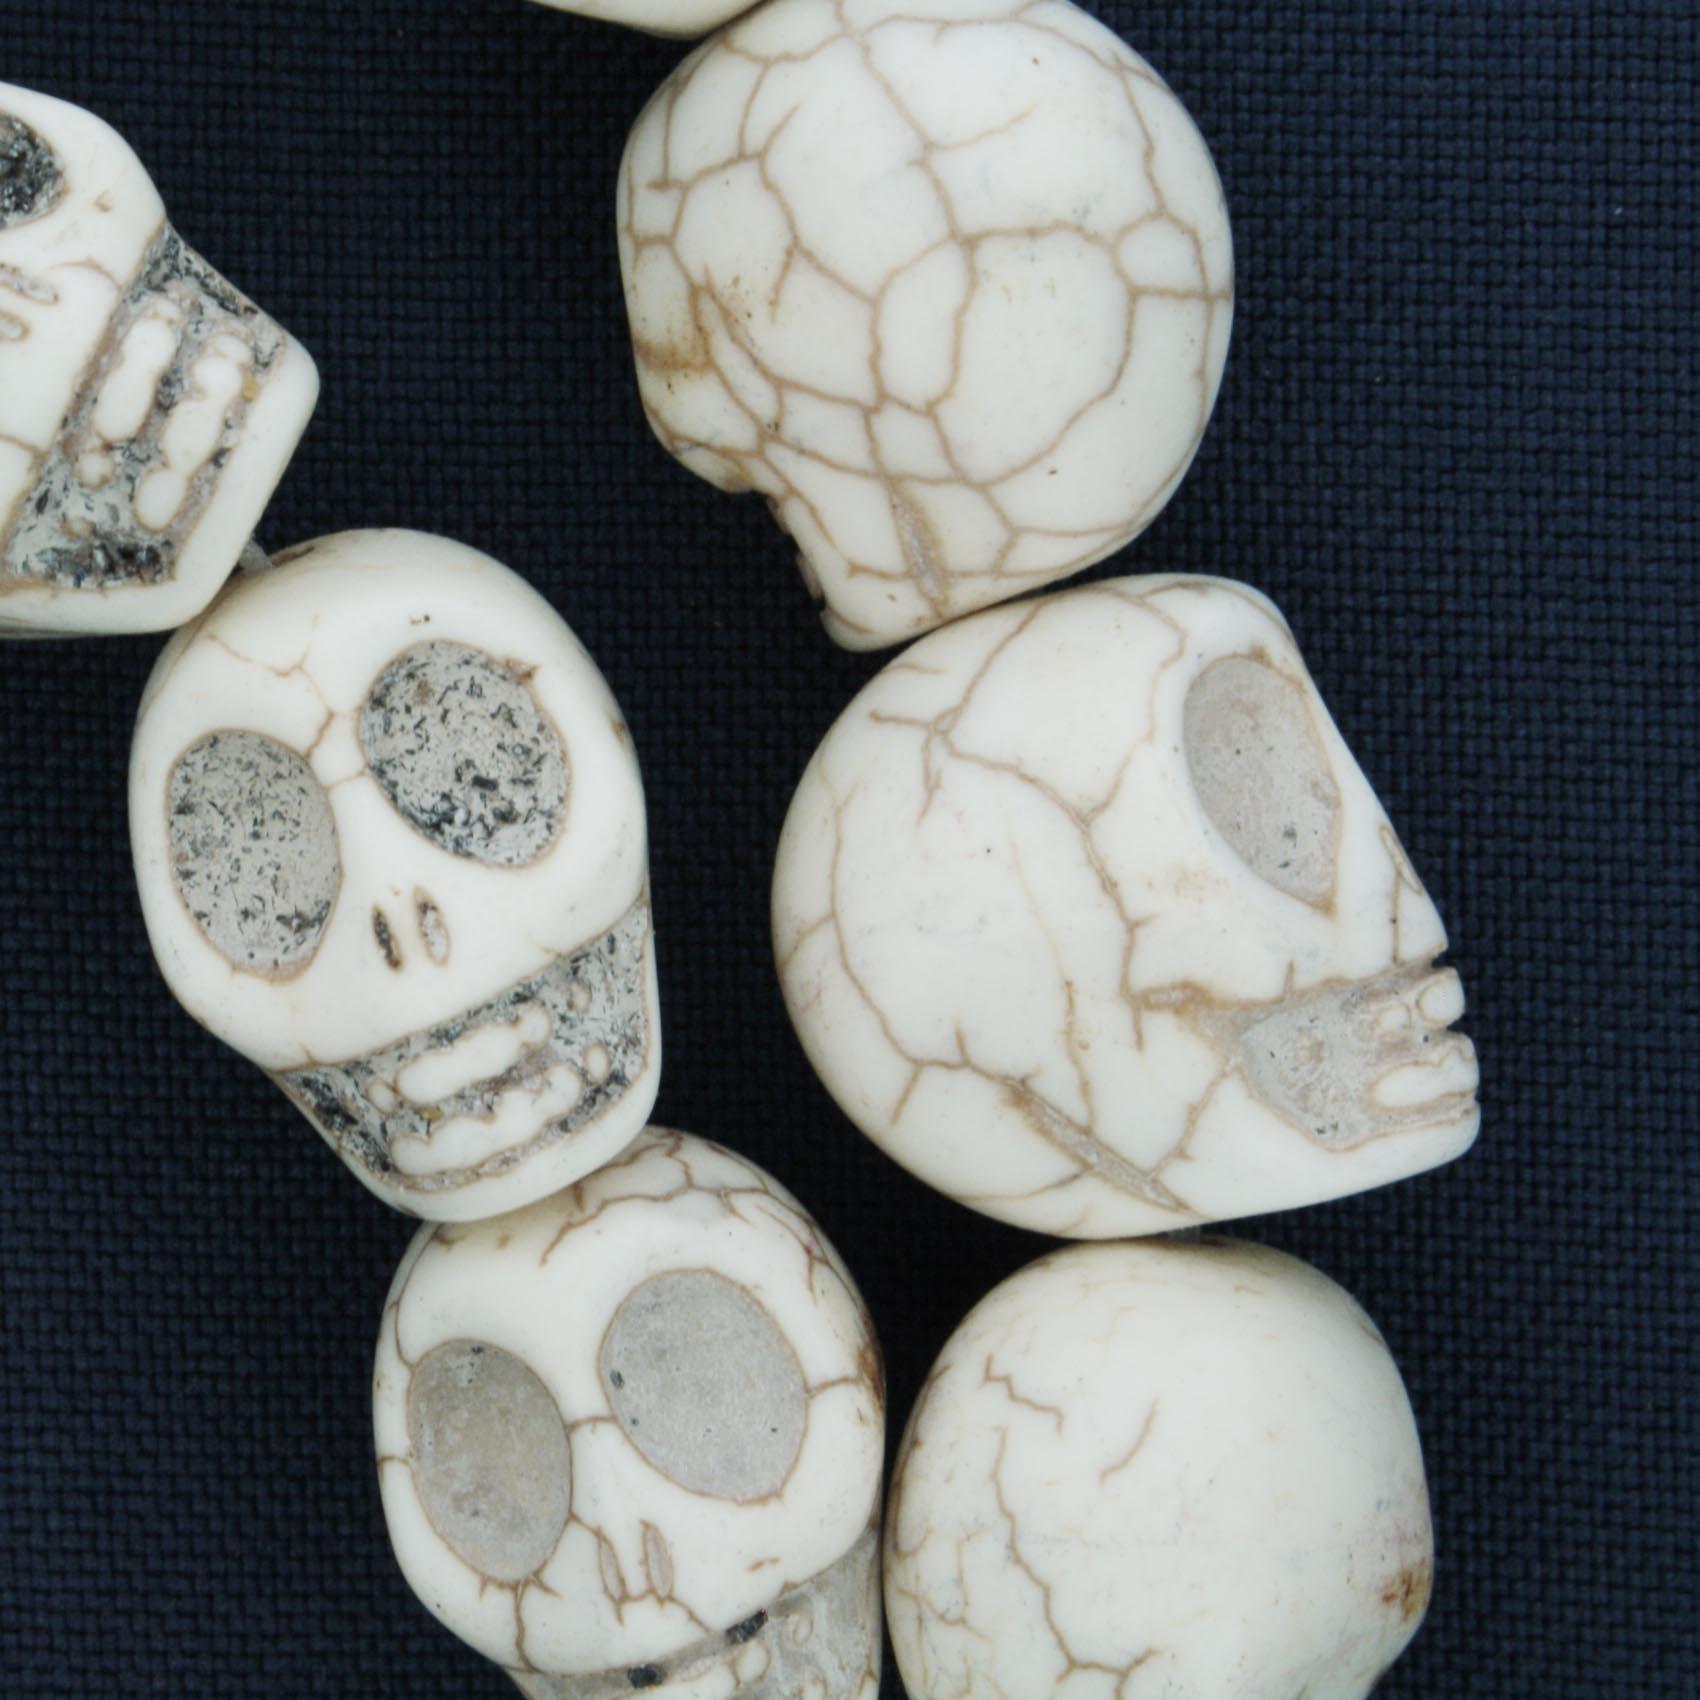 Fio de Caveira de Pedra - Branca - Média - 18x15mm  - Universo Religioso® - Artigos de Umbanda e Candomblé